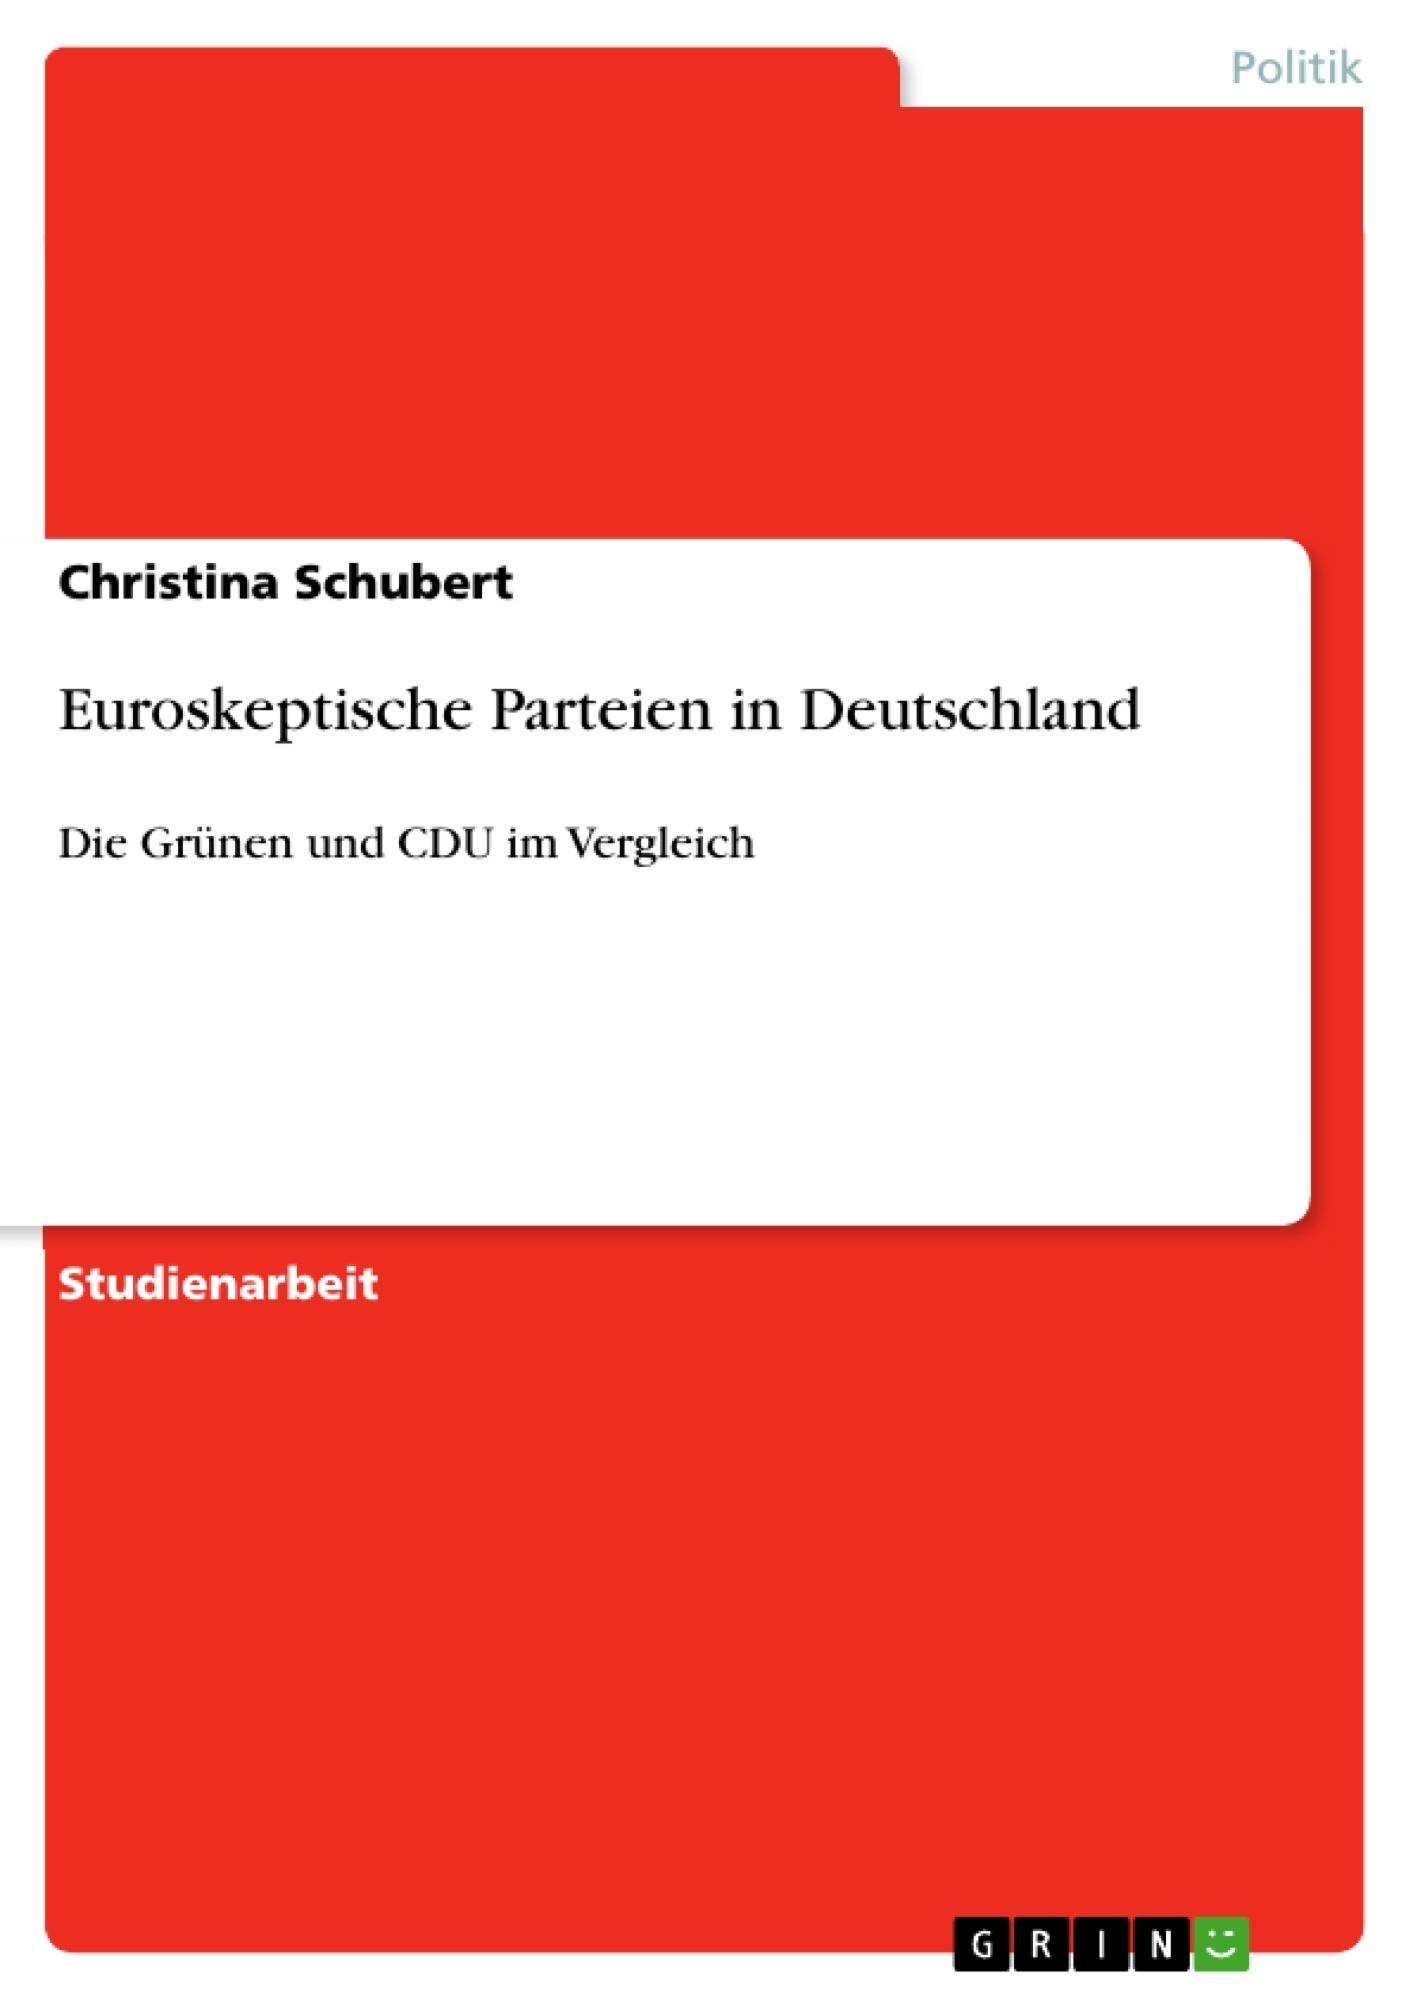 Titel: Euroskeptische Parteien in Deutschland